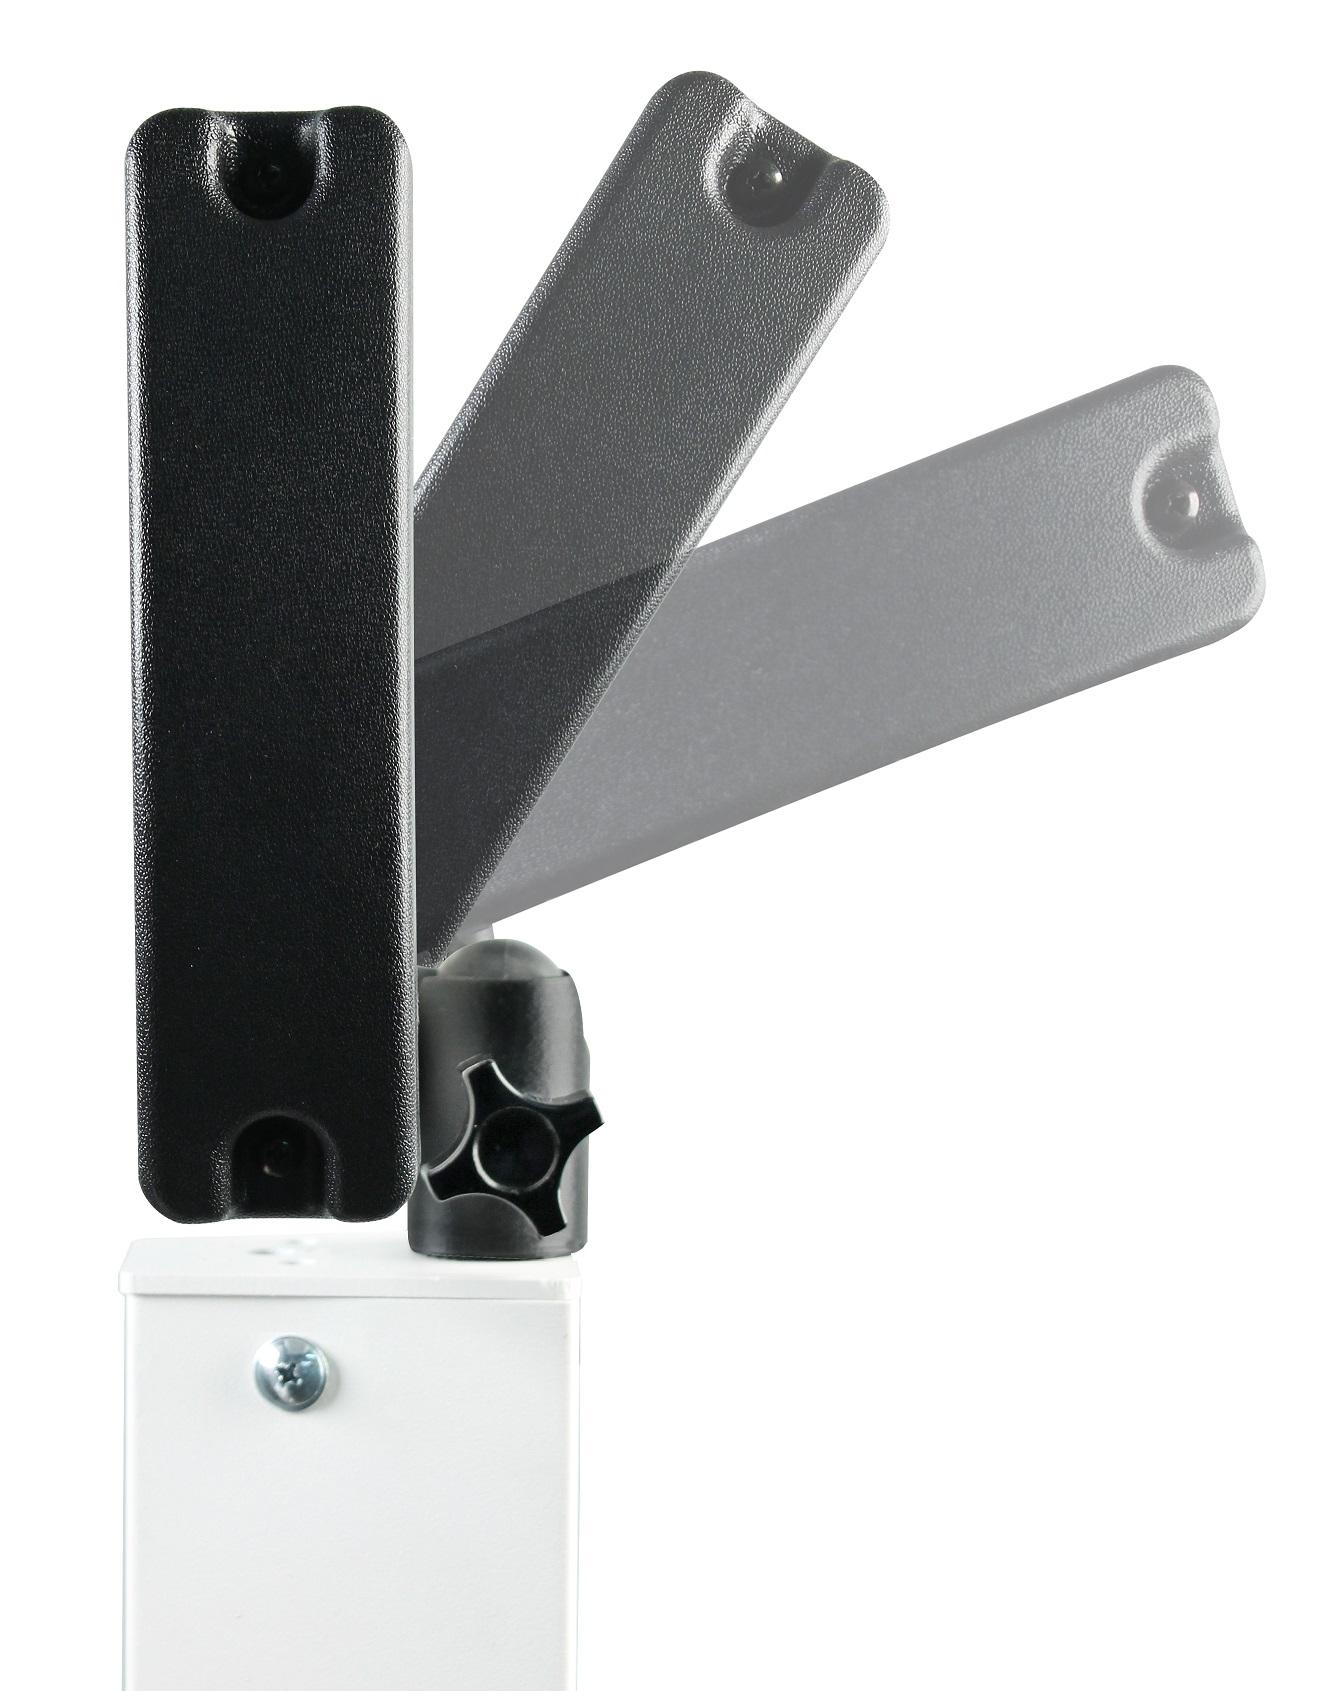 Detecto MVMK MedVue Mounting Kit (Swivel Ball Socket)